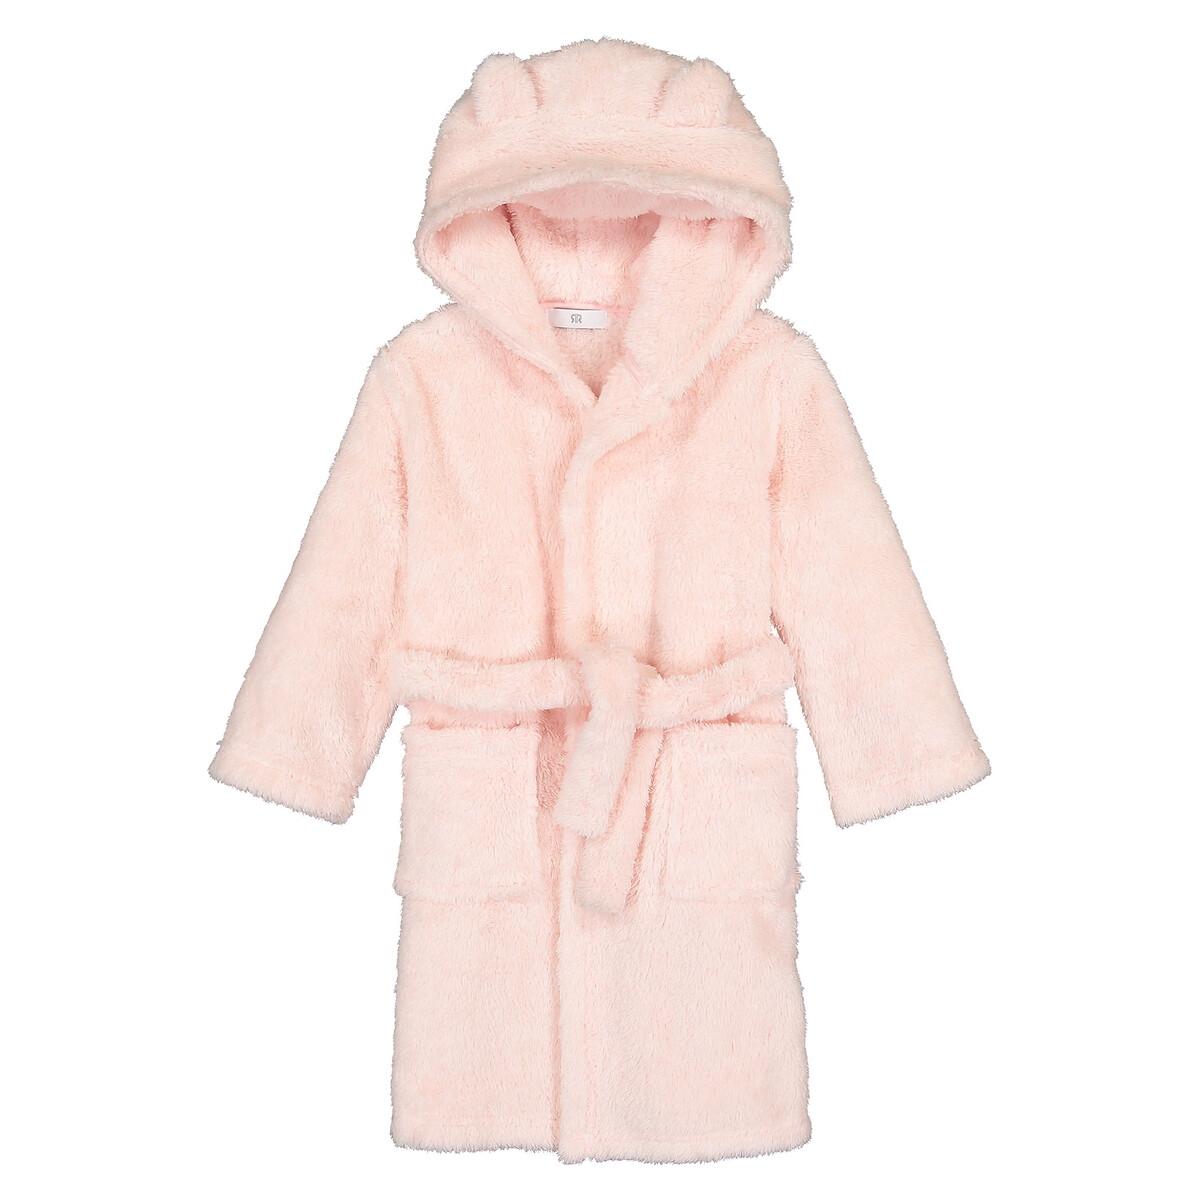 Халат LaRedoute С капюшоном из флисовой ткани 3-12 лет 6 лет - 114 см розовый